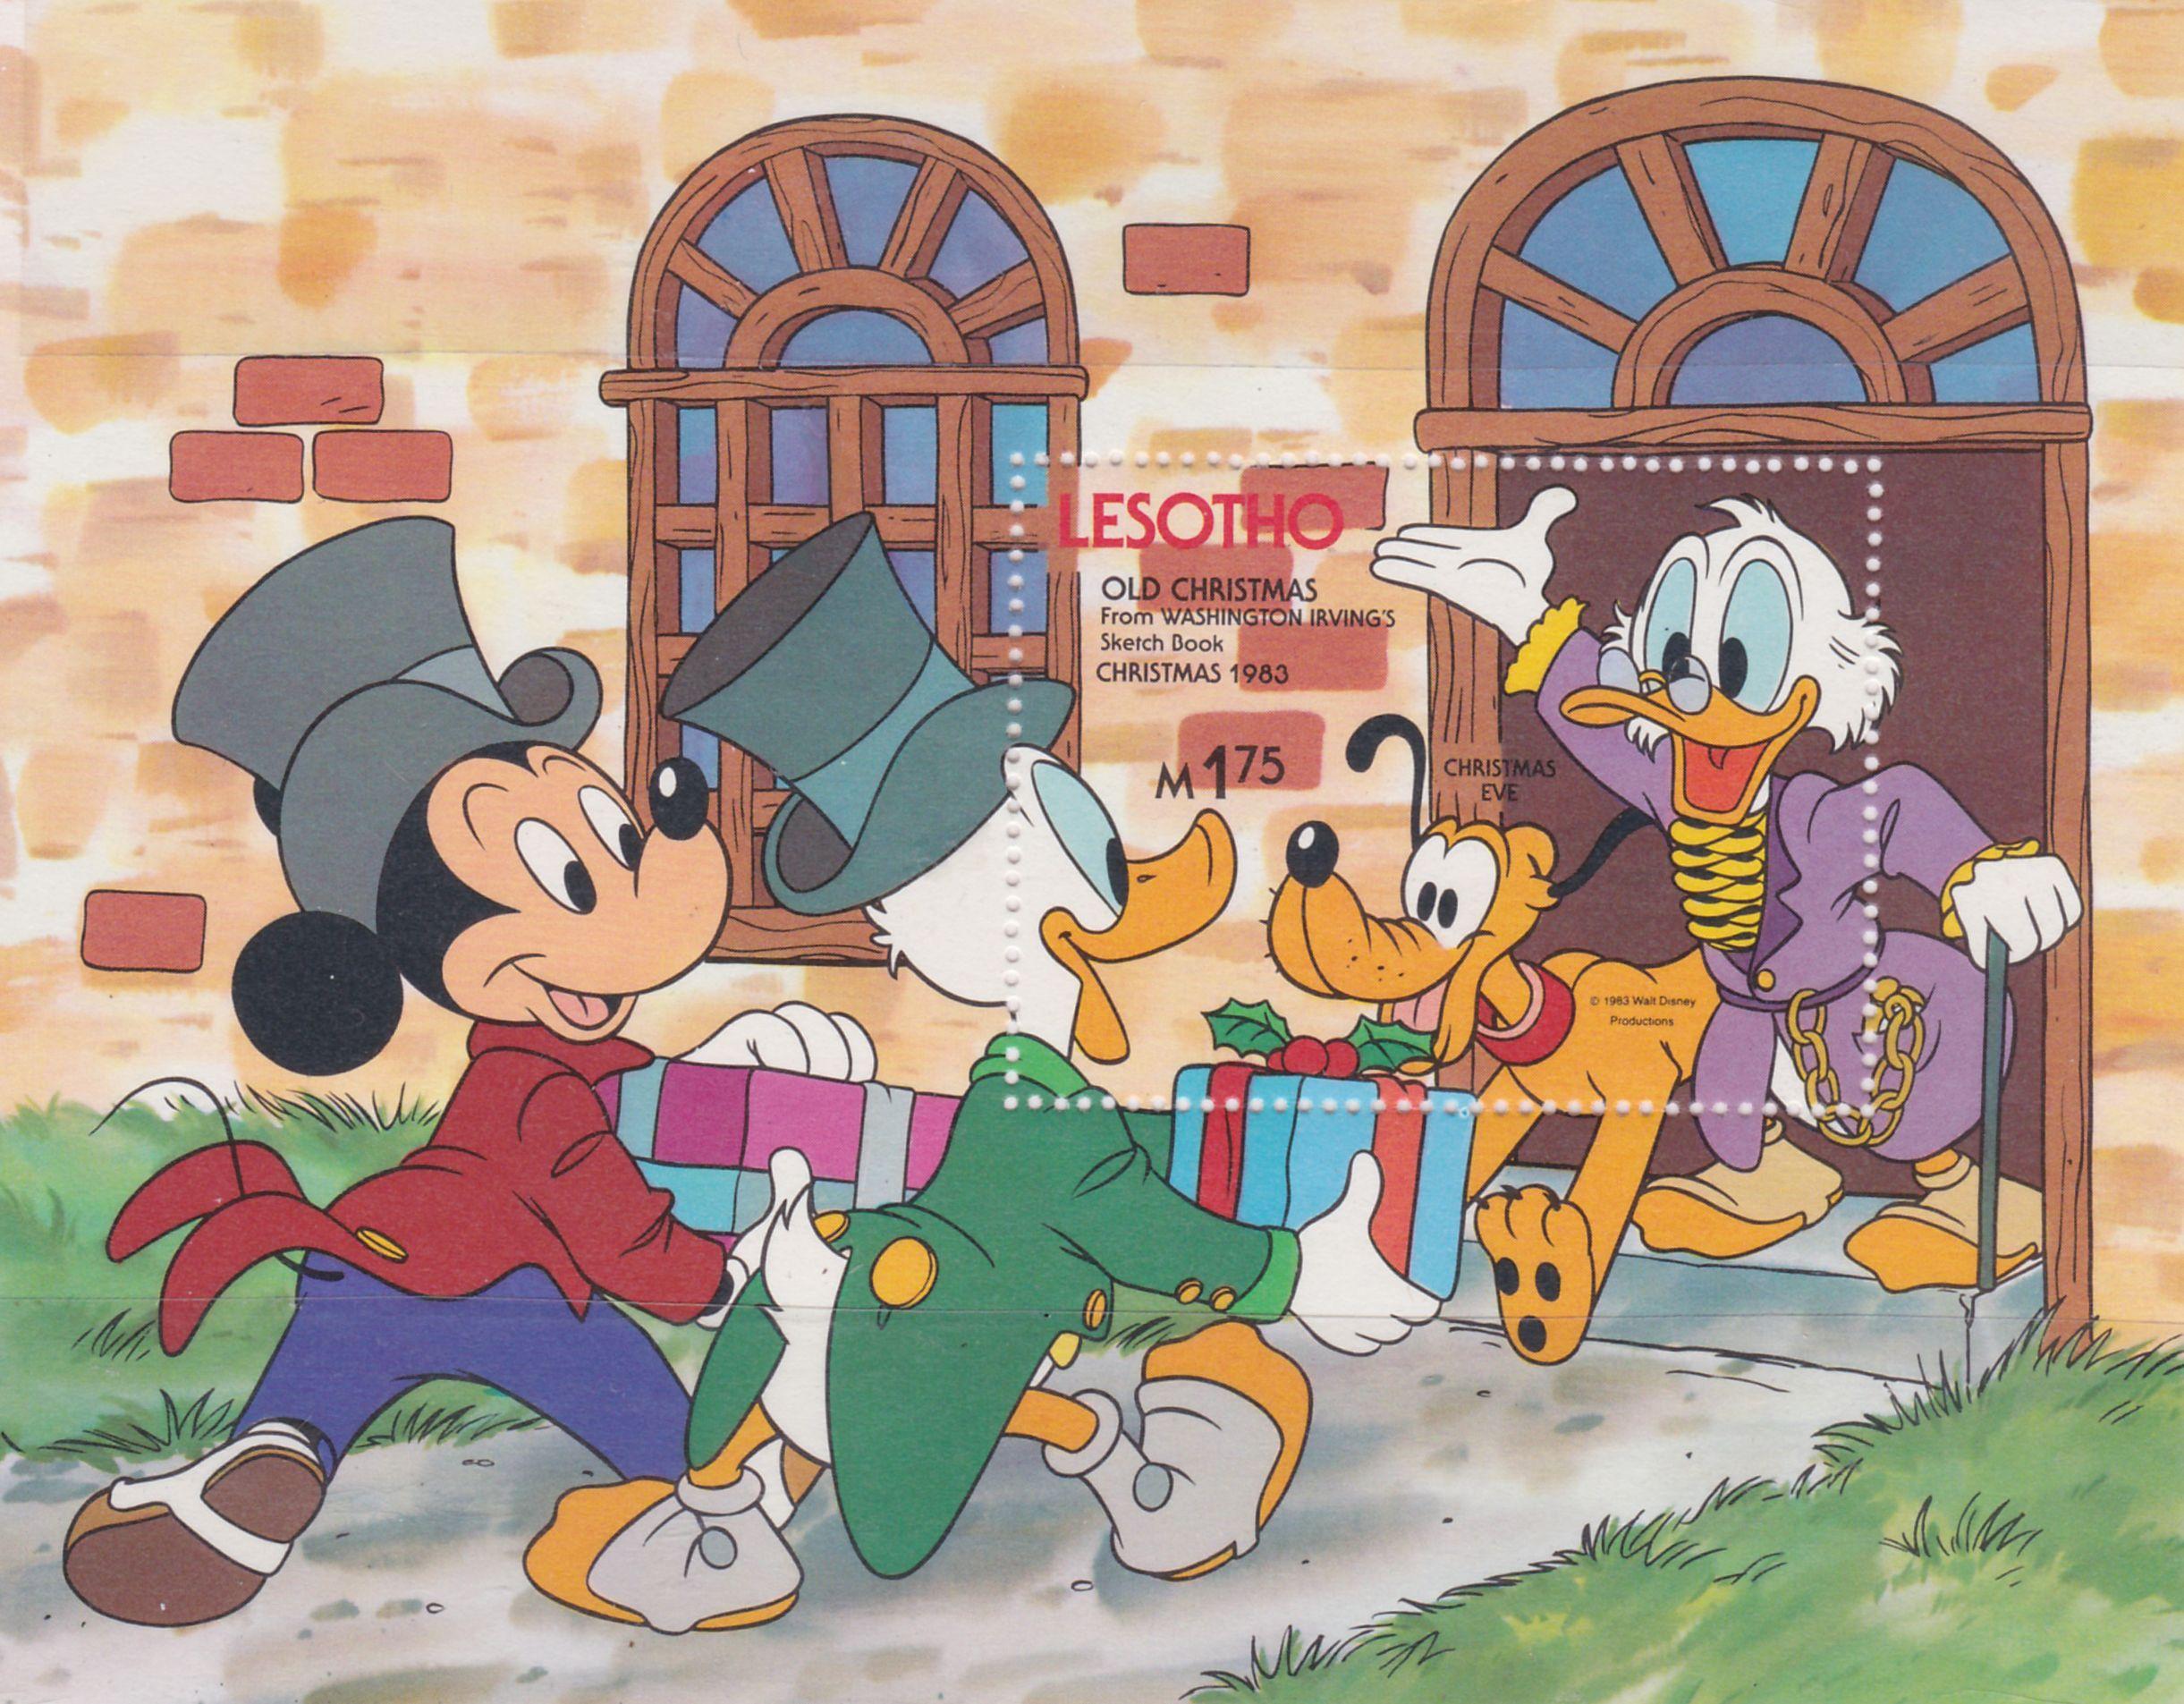 Mickey Pluto Donald Y Rico Macpato Vispera De Navidad Antiguas Navidades De Washington Irving Navidad 1983 Dec 19 Navidad Antigua Mickey Vispera De Navidad